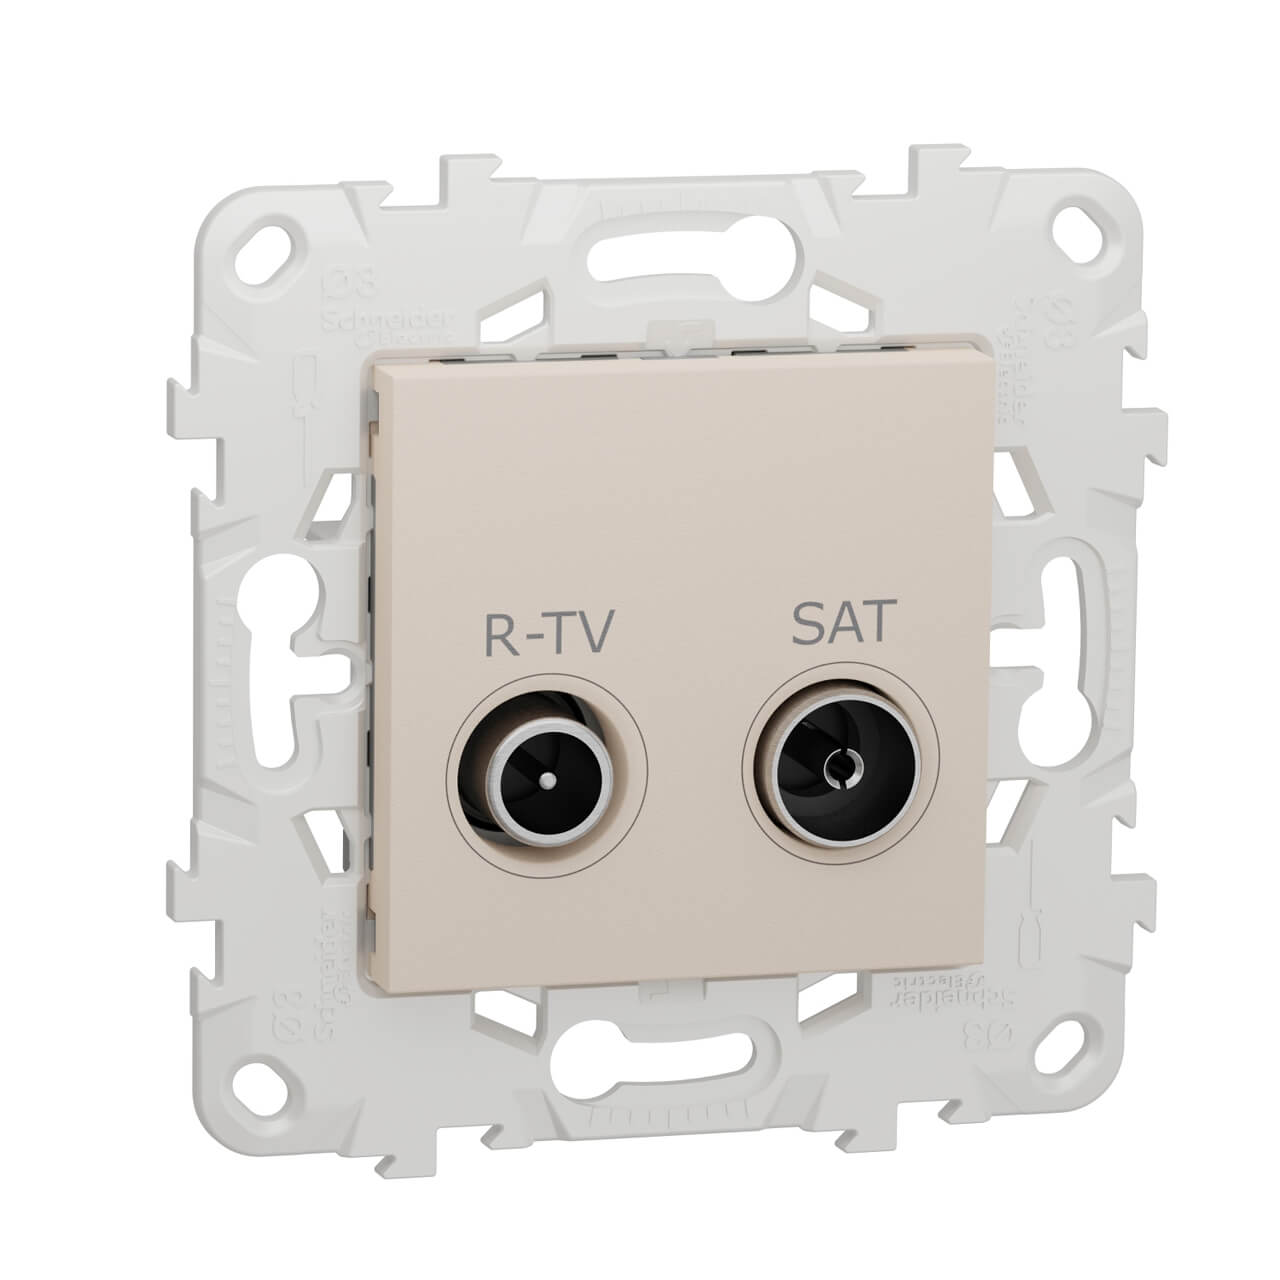 цена на Розетка R-TV/SAT одиночная Schneider Electric Unica New NU545444